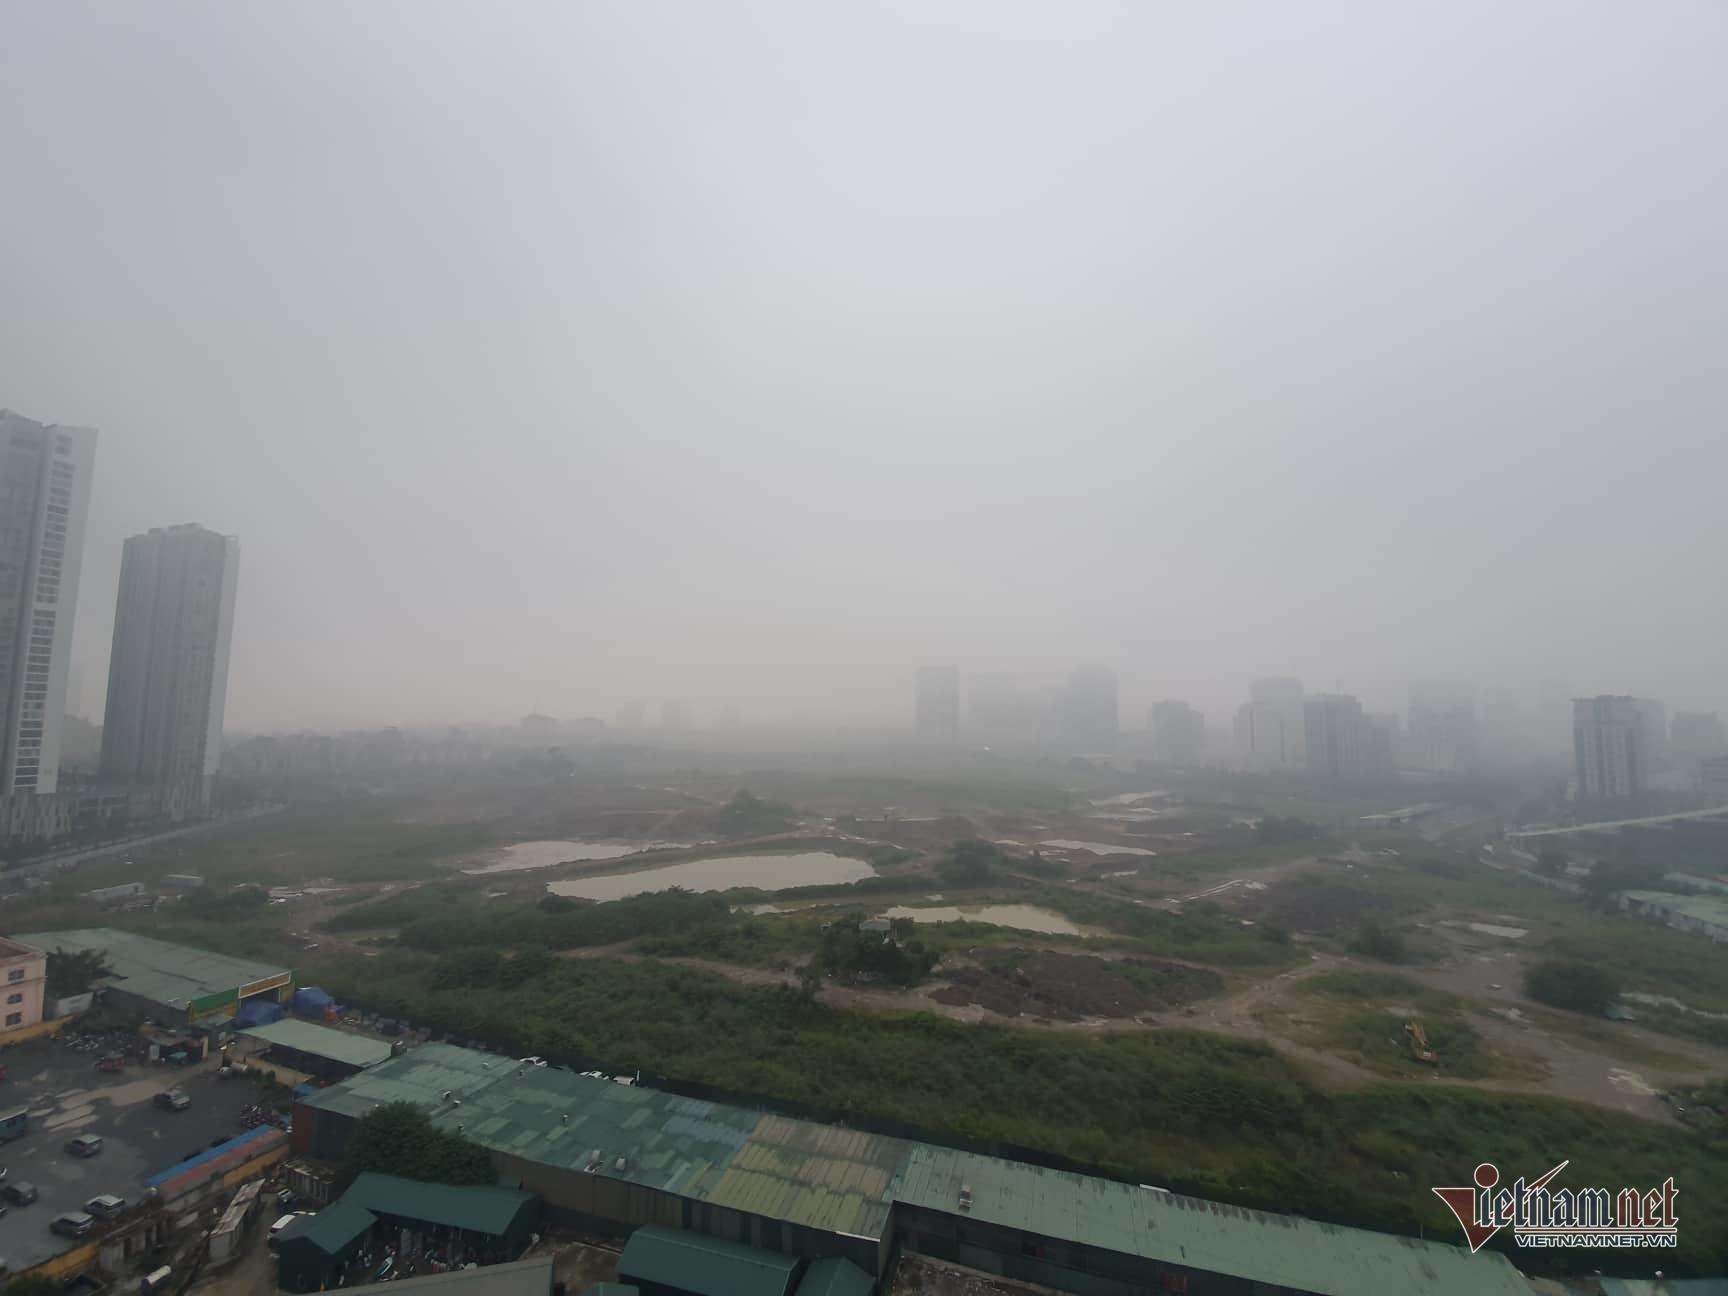 Sương mù giăng phủ Hà Nội, cao ốc mất hút Ảnh 5